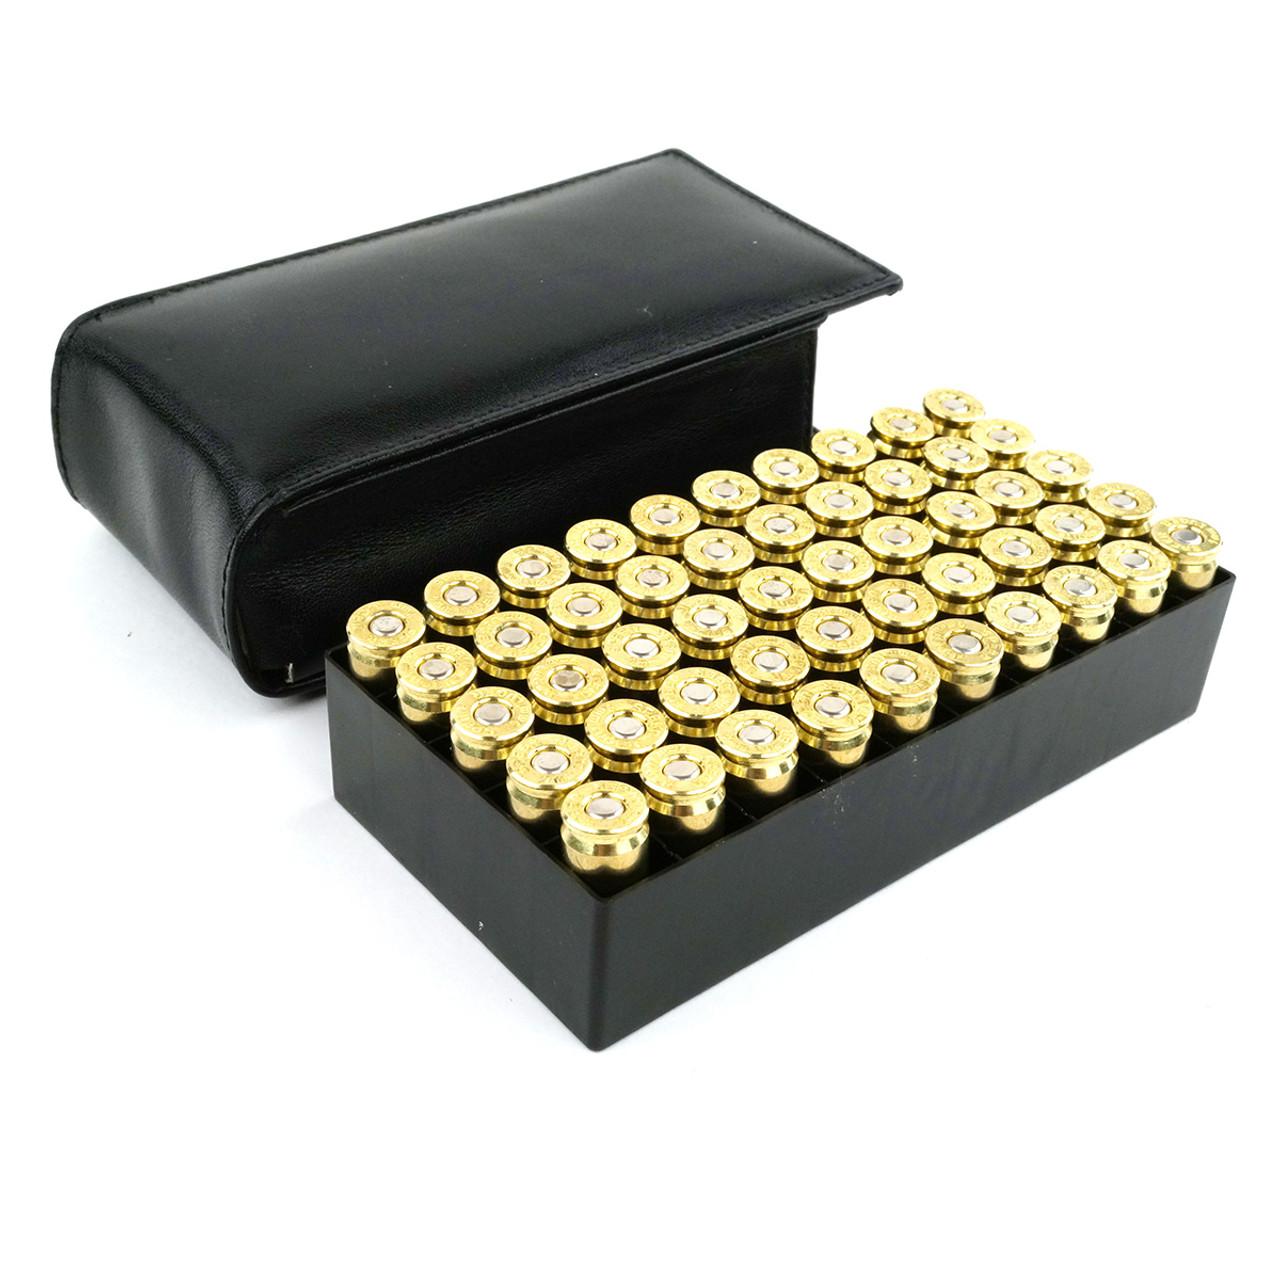 Taurus Millenium Pro 140 Leather Bullet Brick